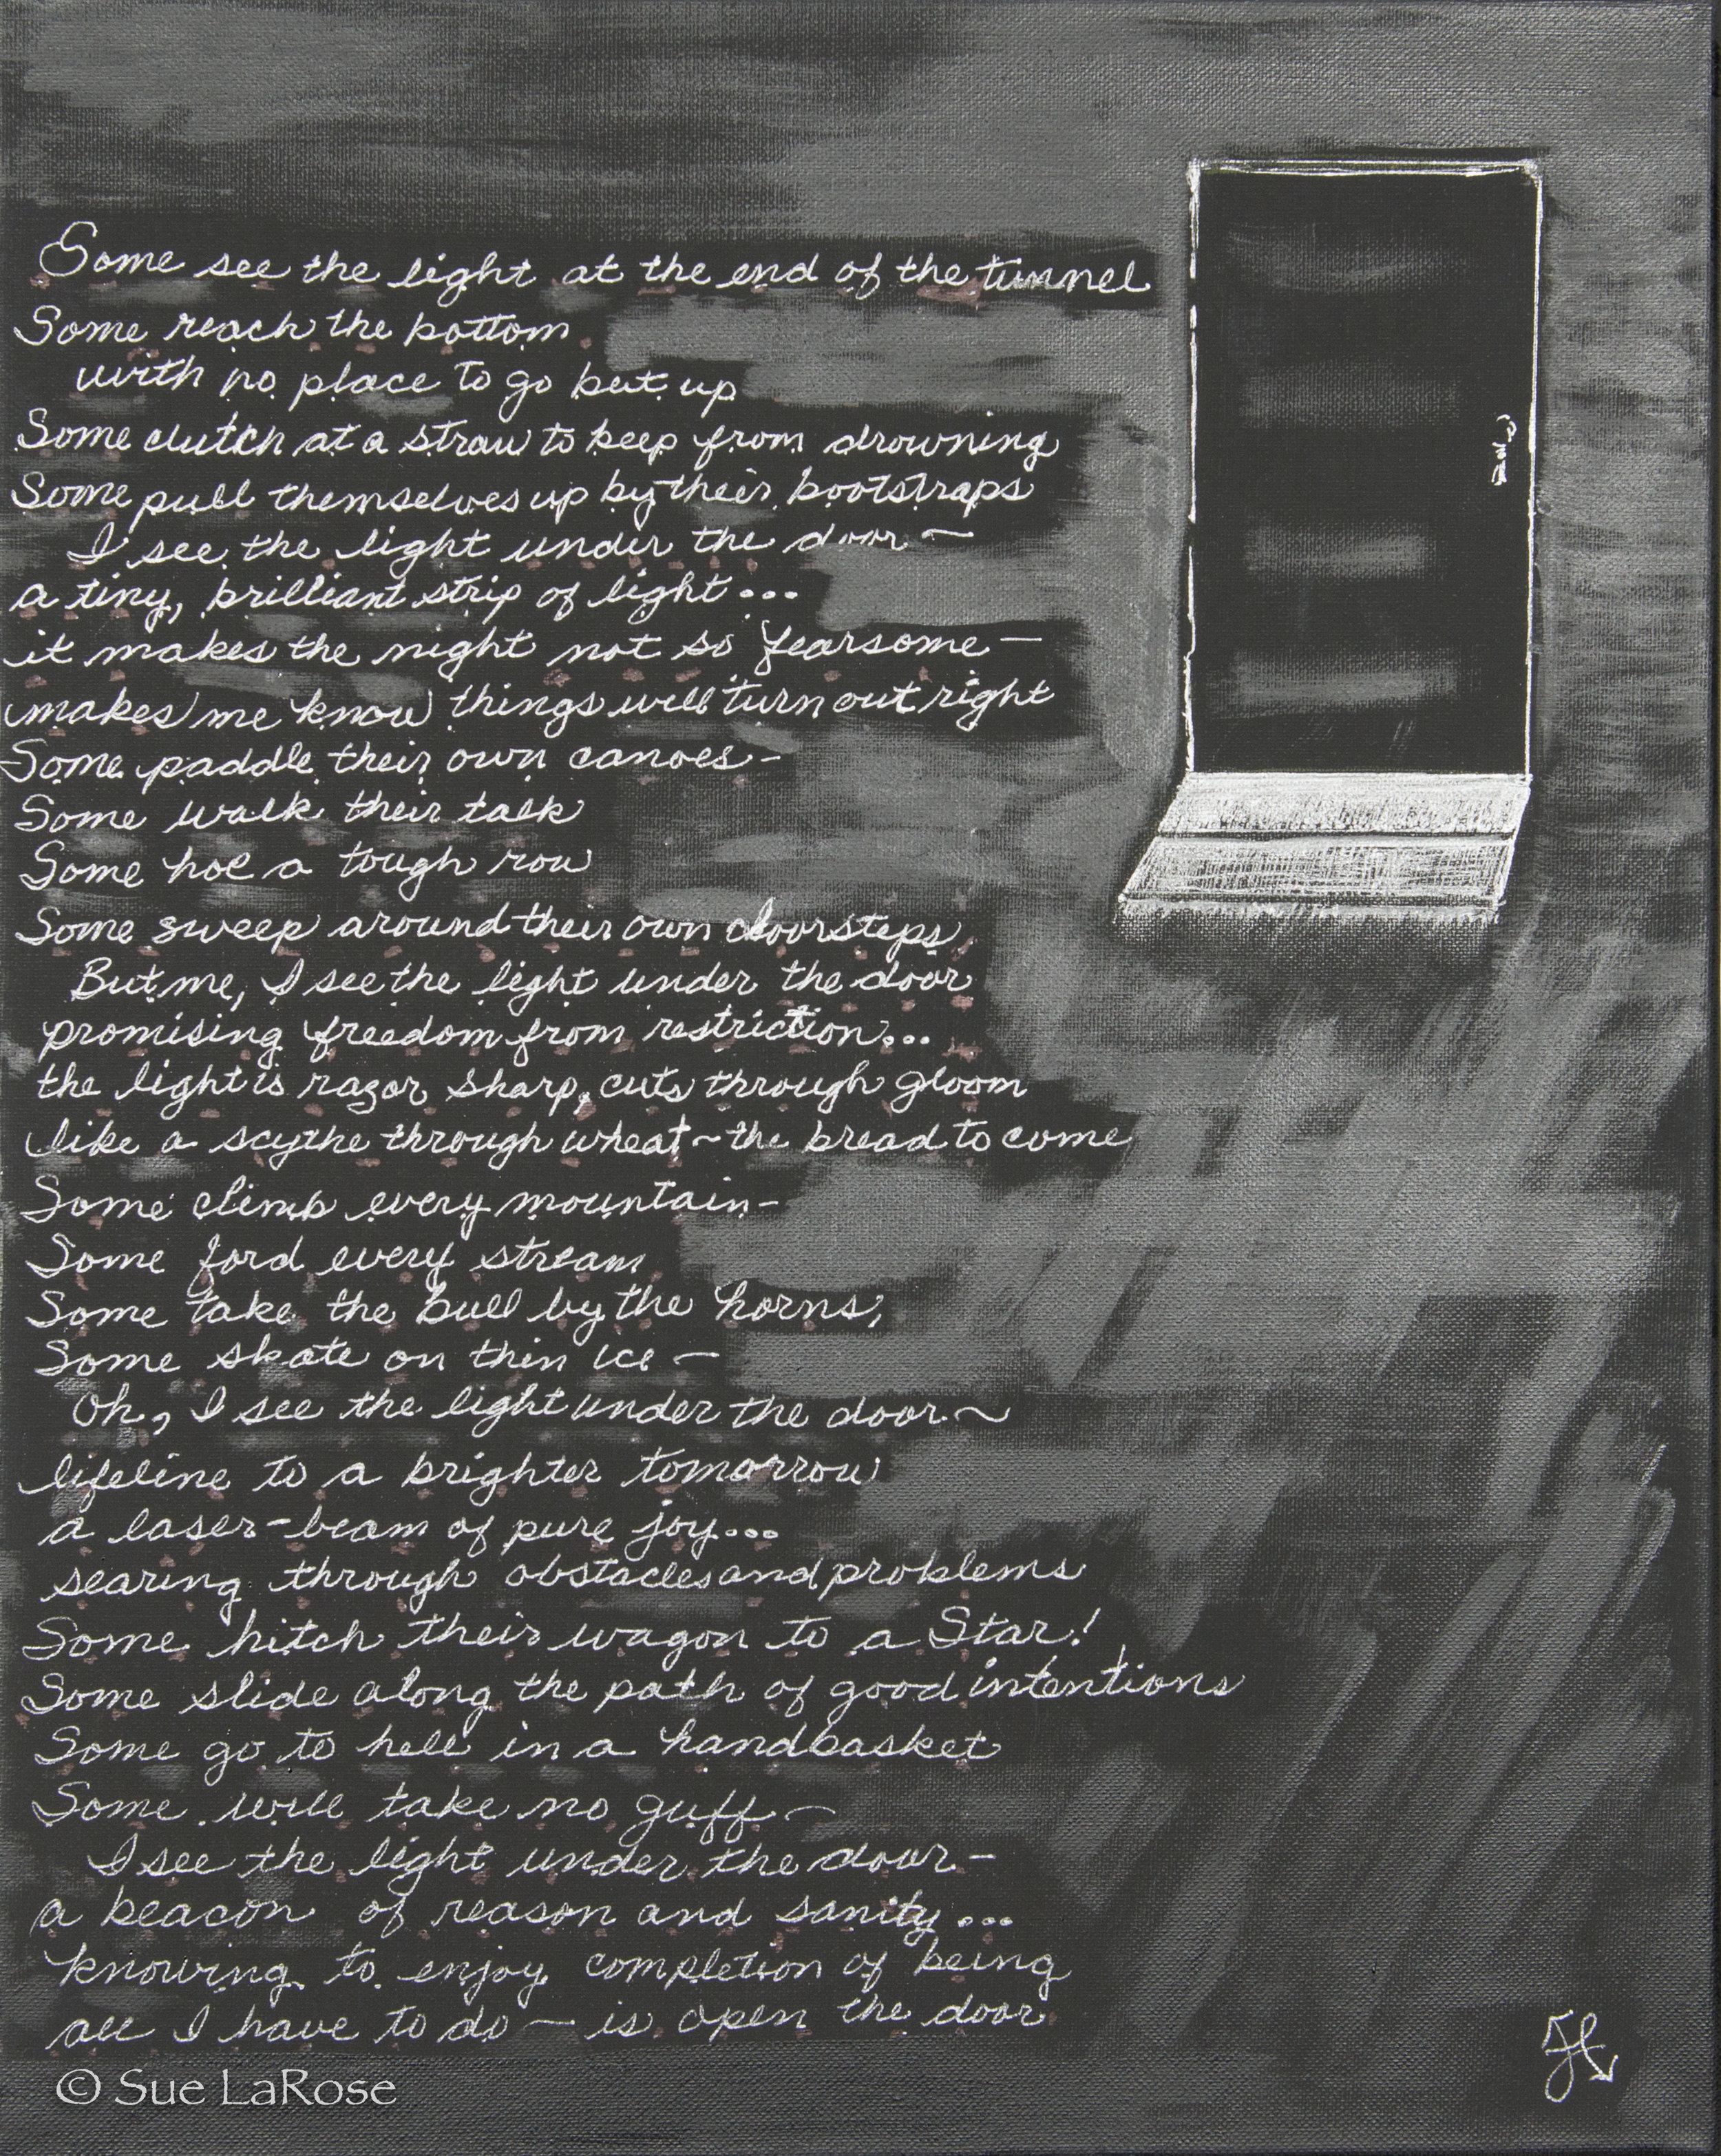 THE ART UNDER THE DOOR, 20x16, mixed mediaby Jilaine Callison -